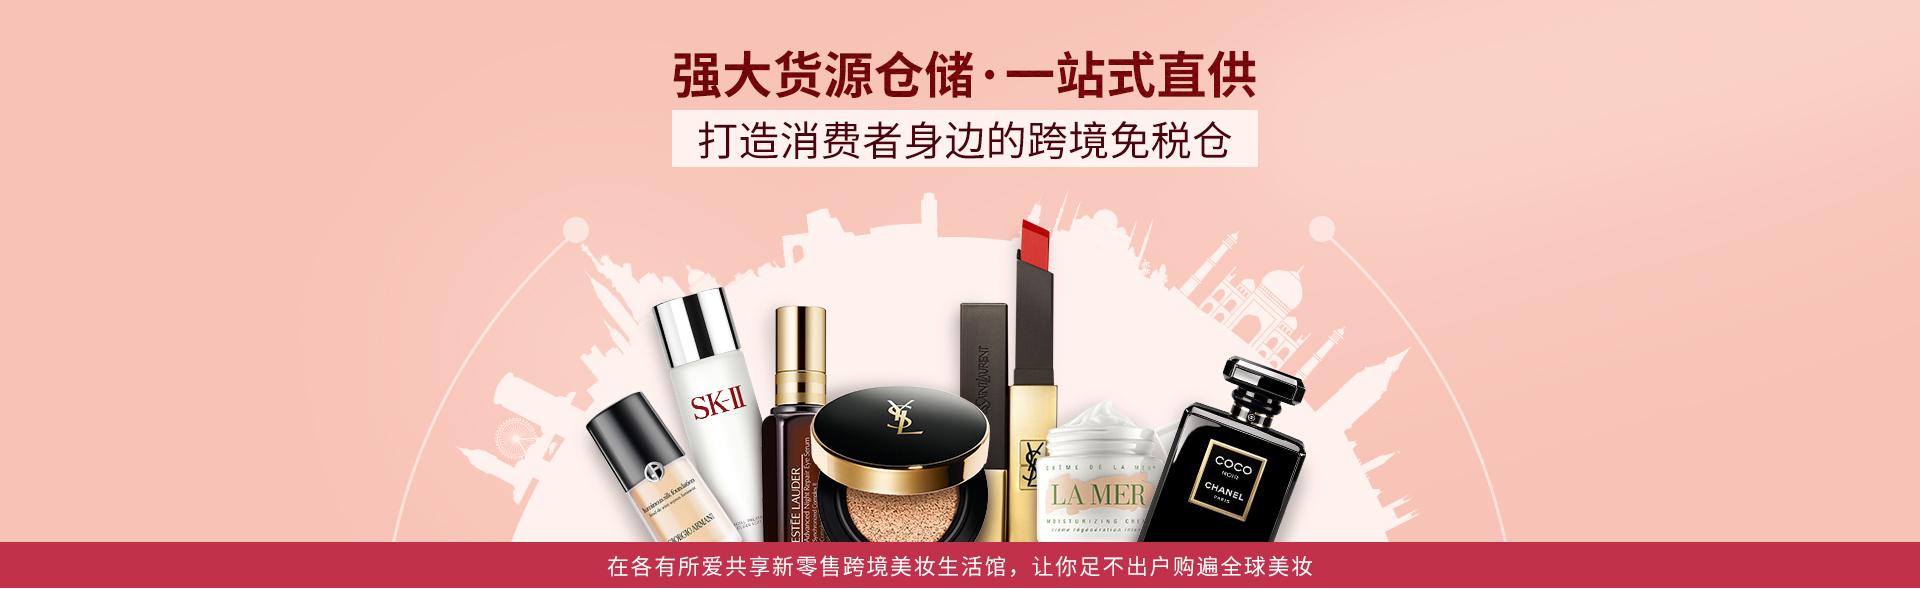 化妆品加盟支持各有所爱 创业开店再也无忧